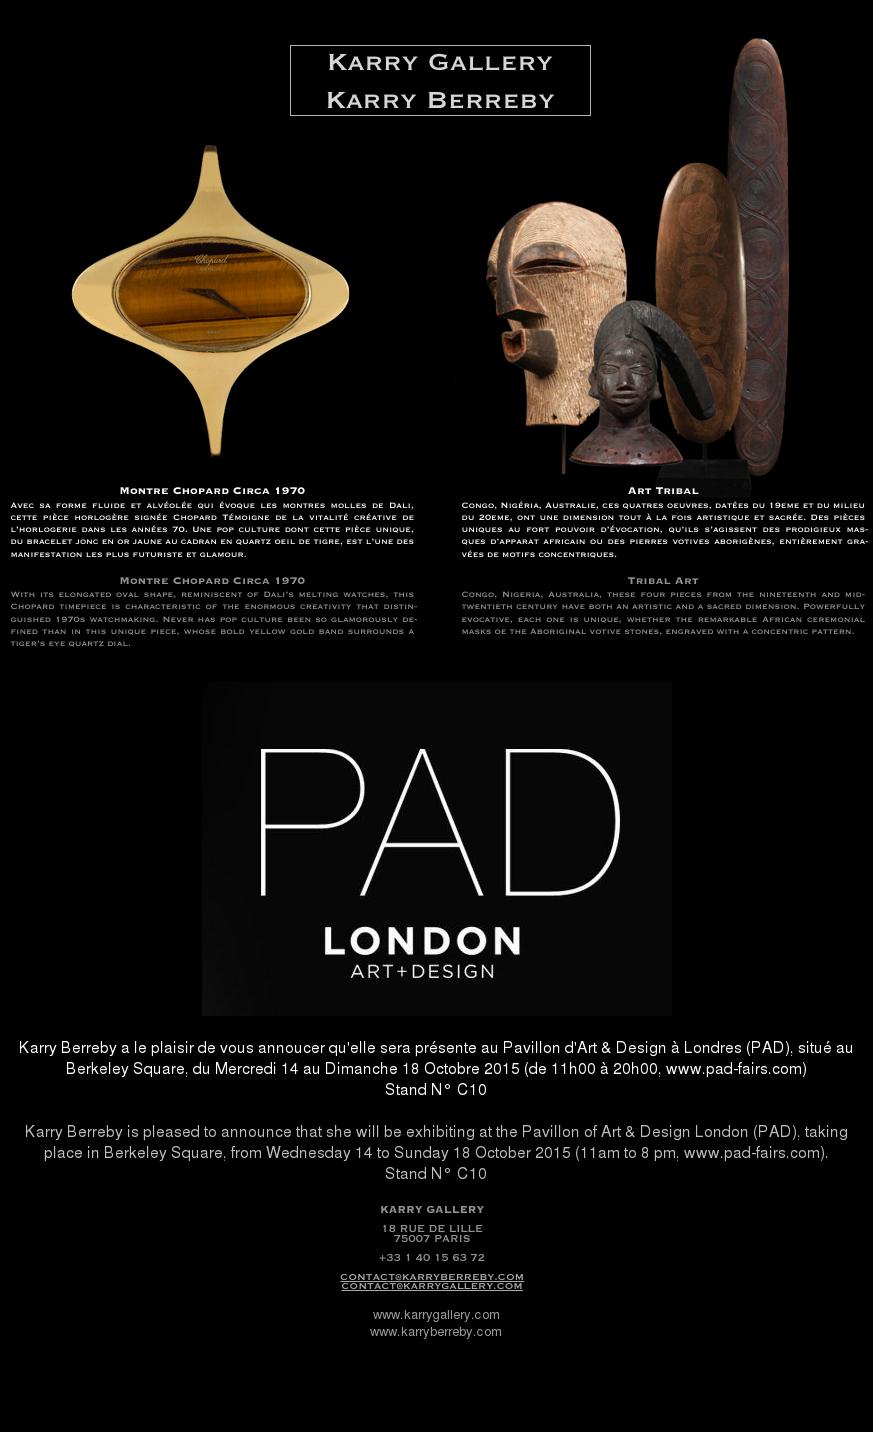 PAD LONDON 2015